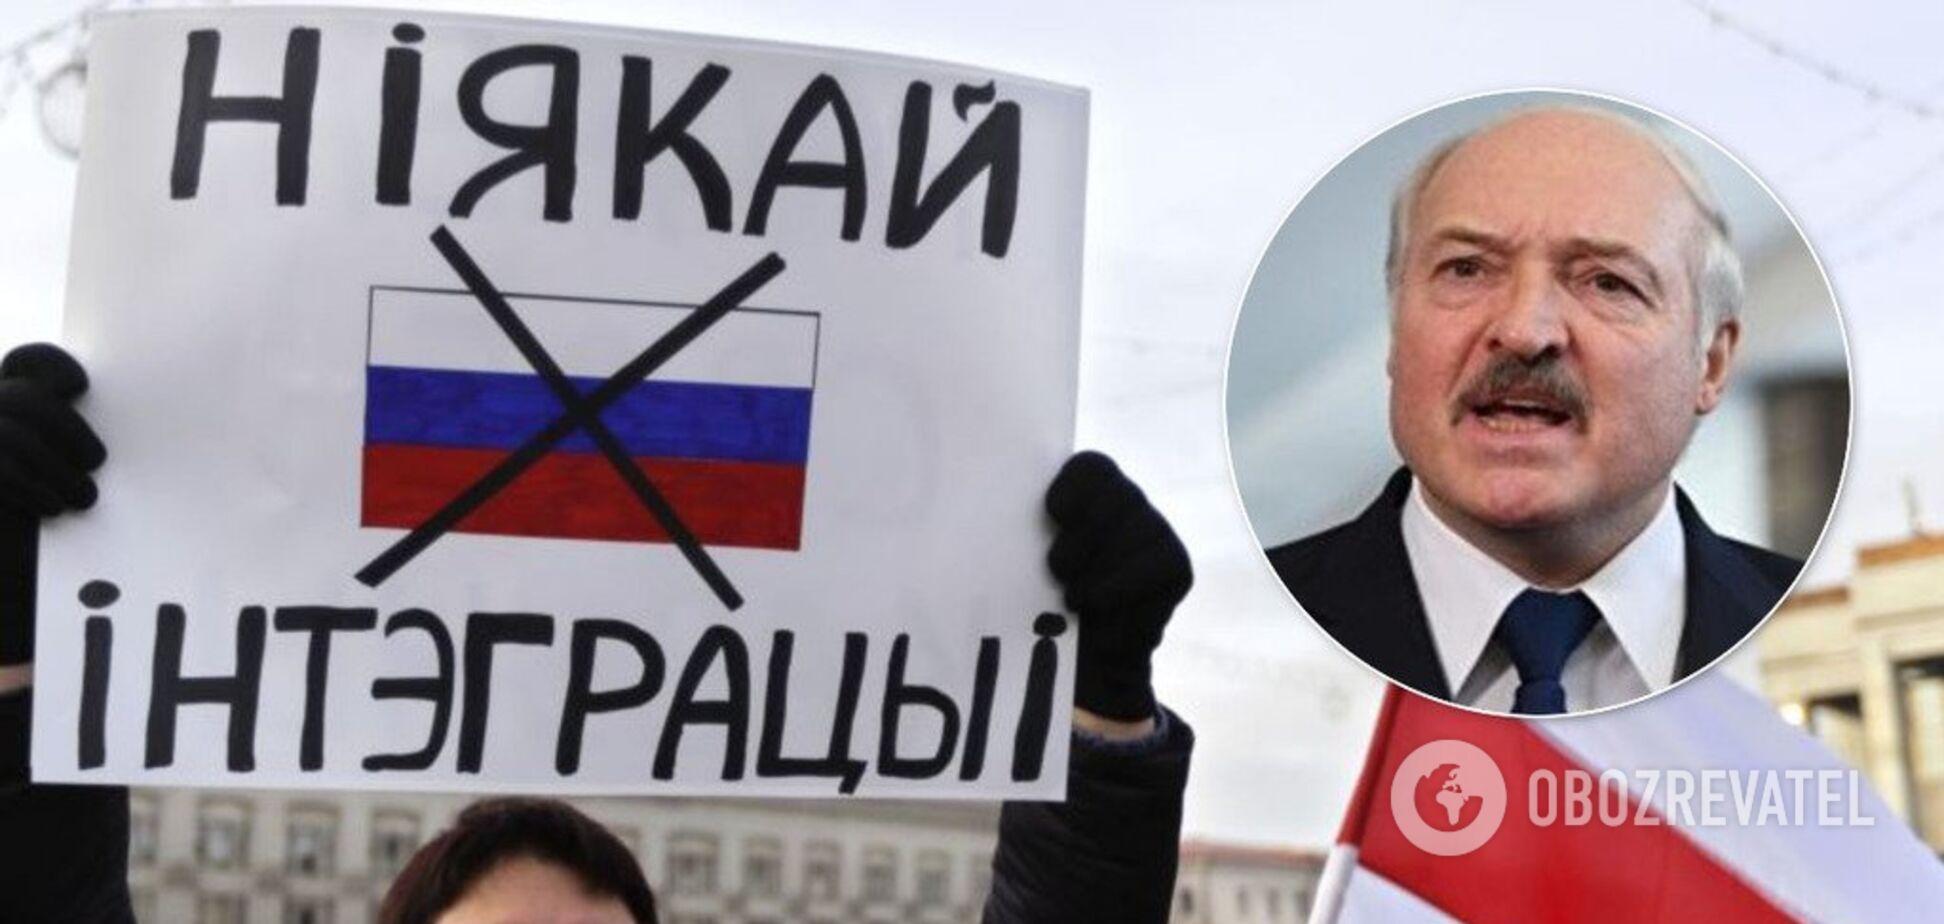 'Они бы 'съели' меня!' Лукашенко жестко высказался о России